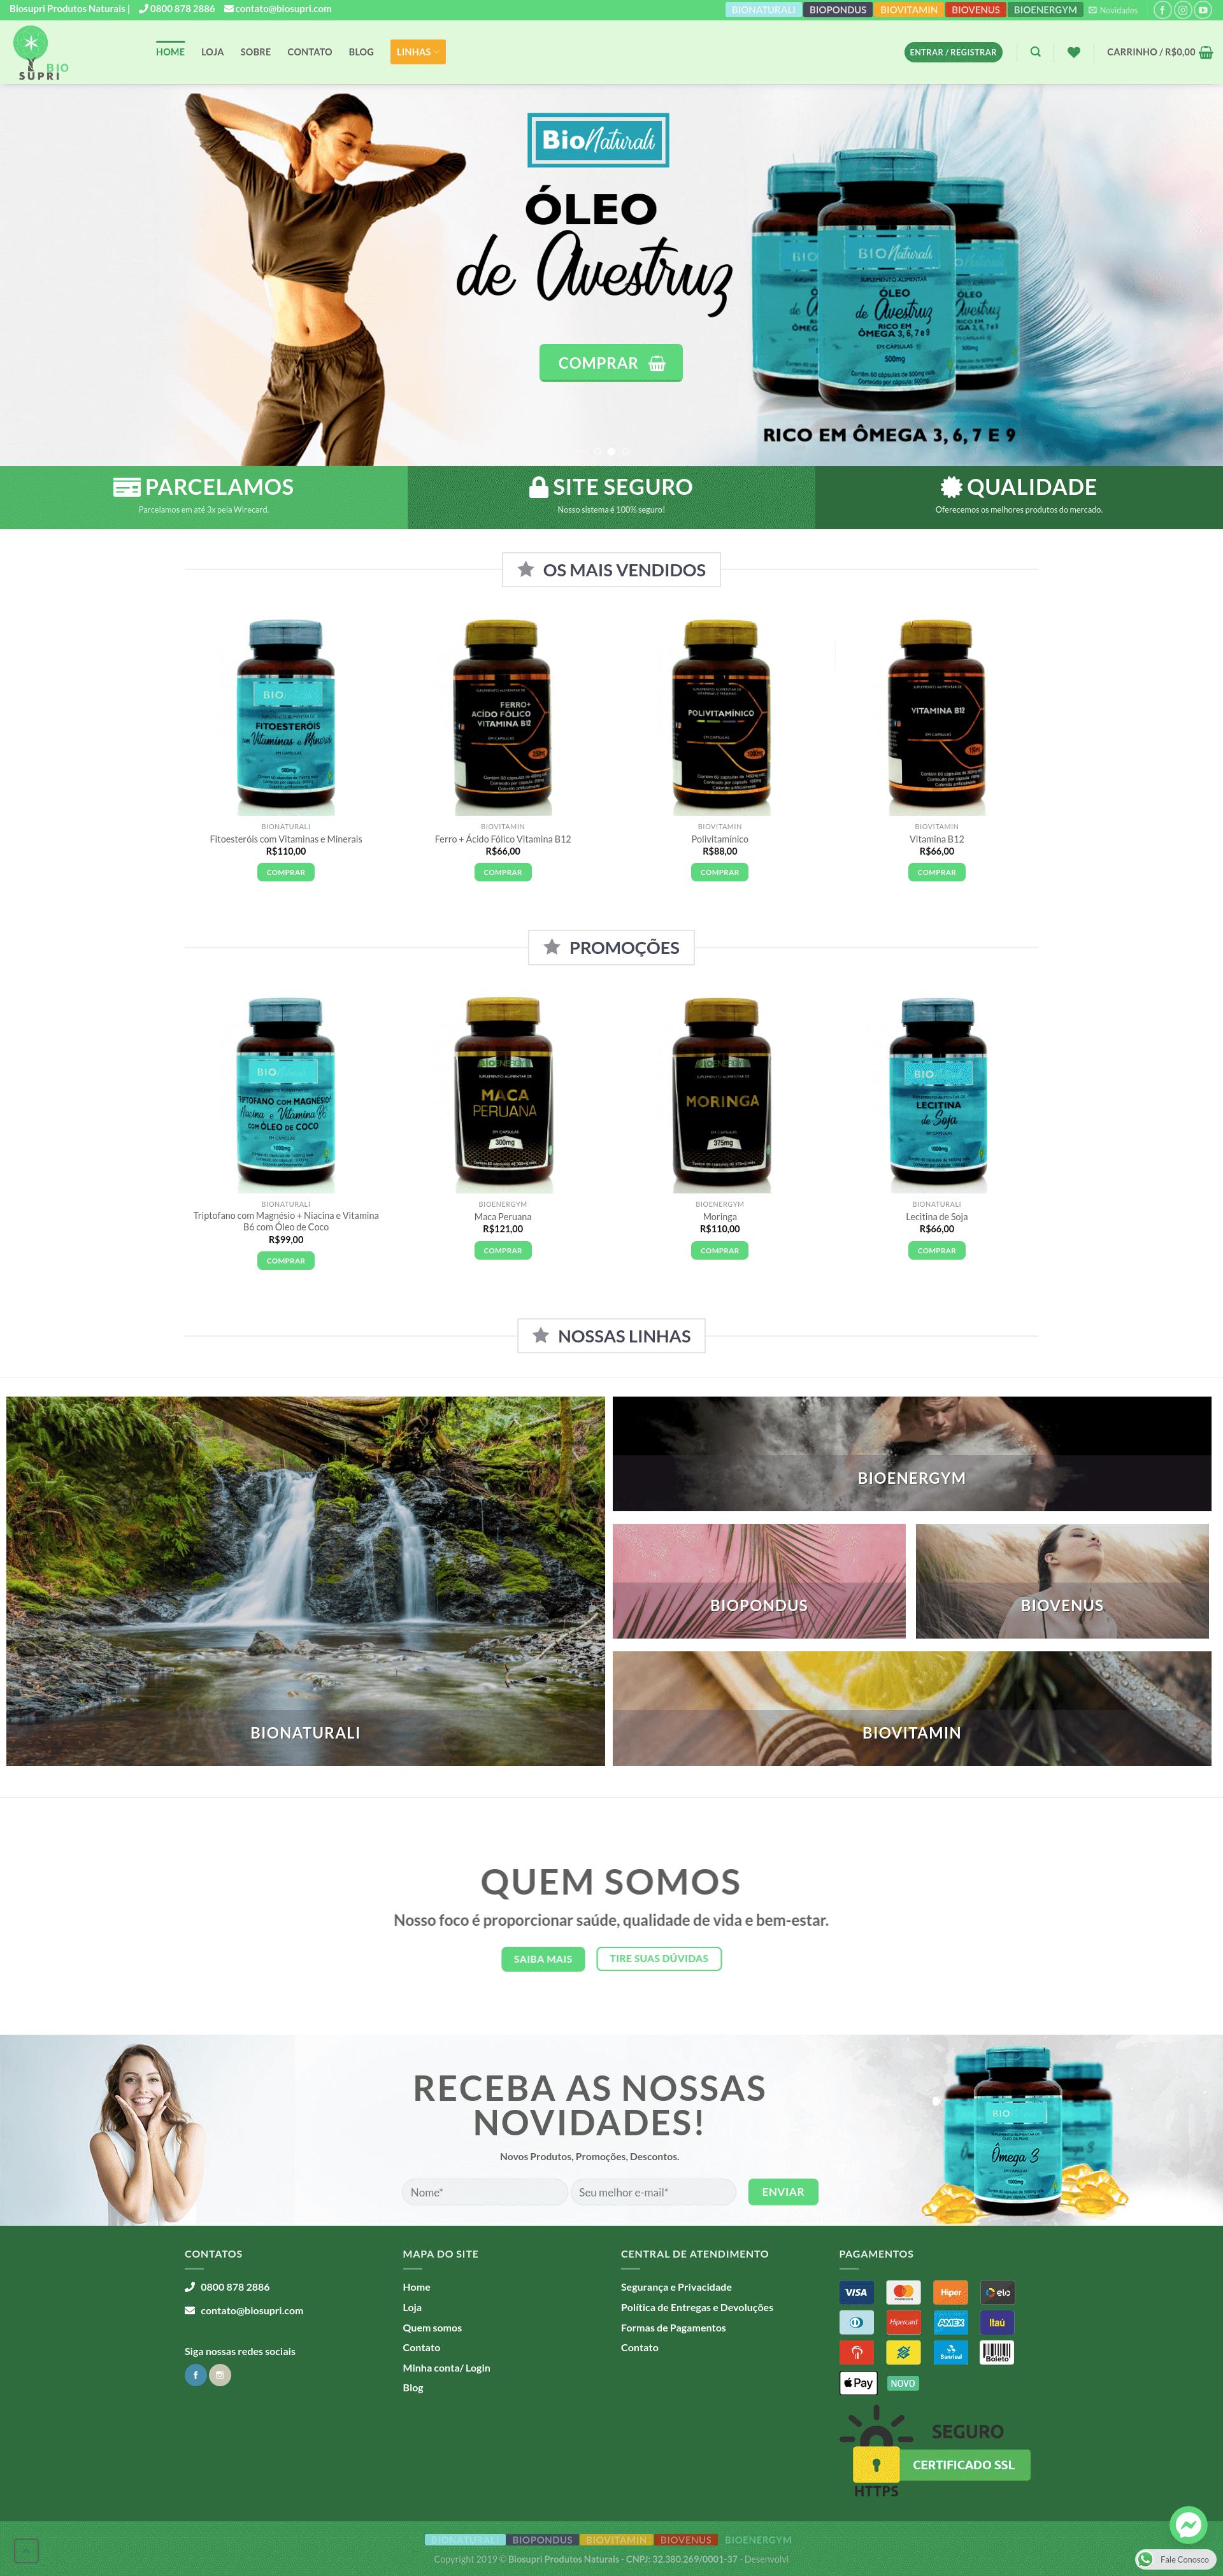 BioSupri Produtos Naturais E-commerce Óleo de Avestruz